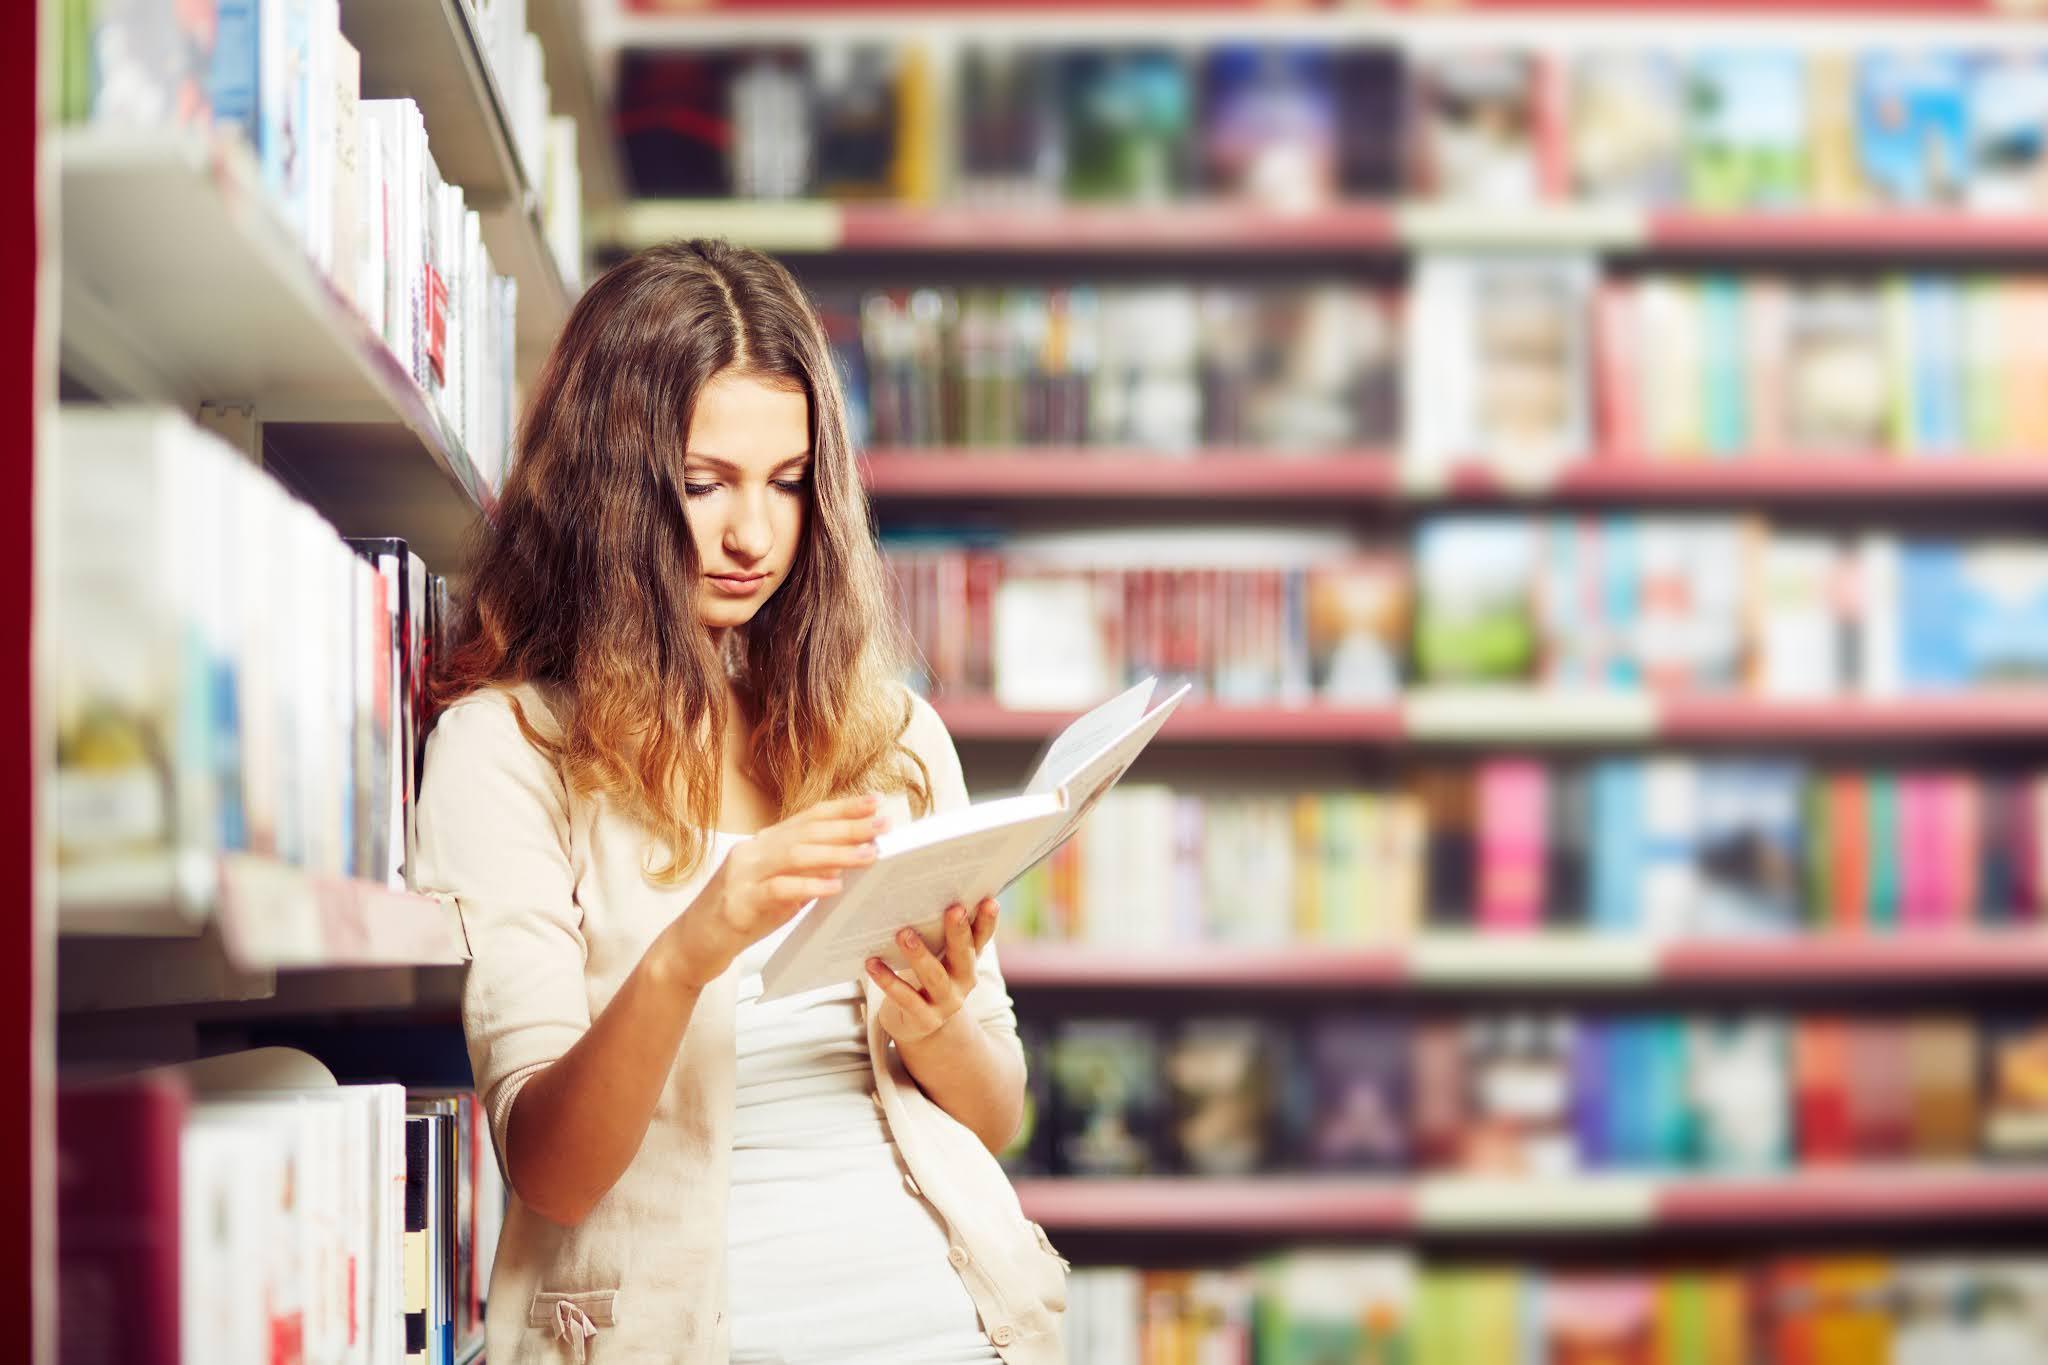 وفد وزارة الثقافة والشباب يزور معرض الرياض Riyadh الدولي للكتاب